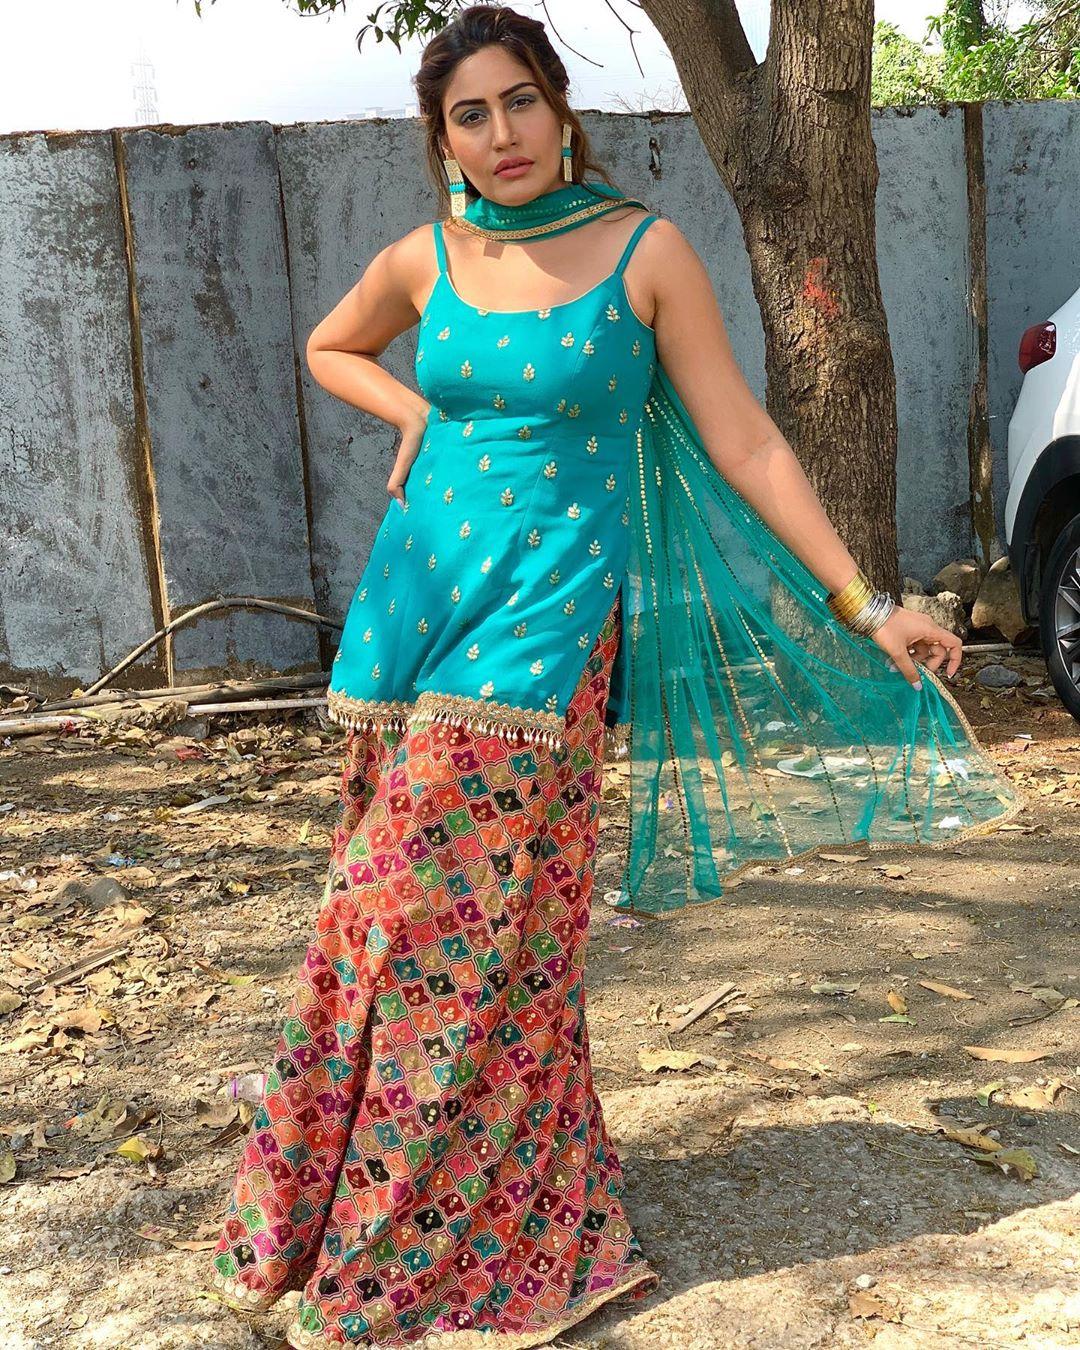 Surbhi-Chandna-Age-Height-Boyfriend-Family